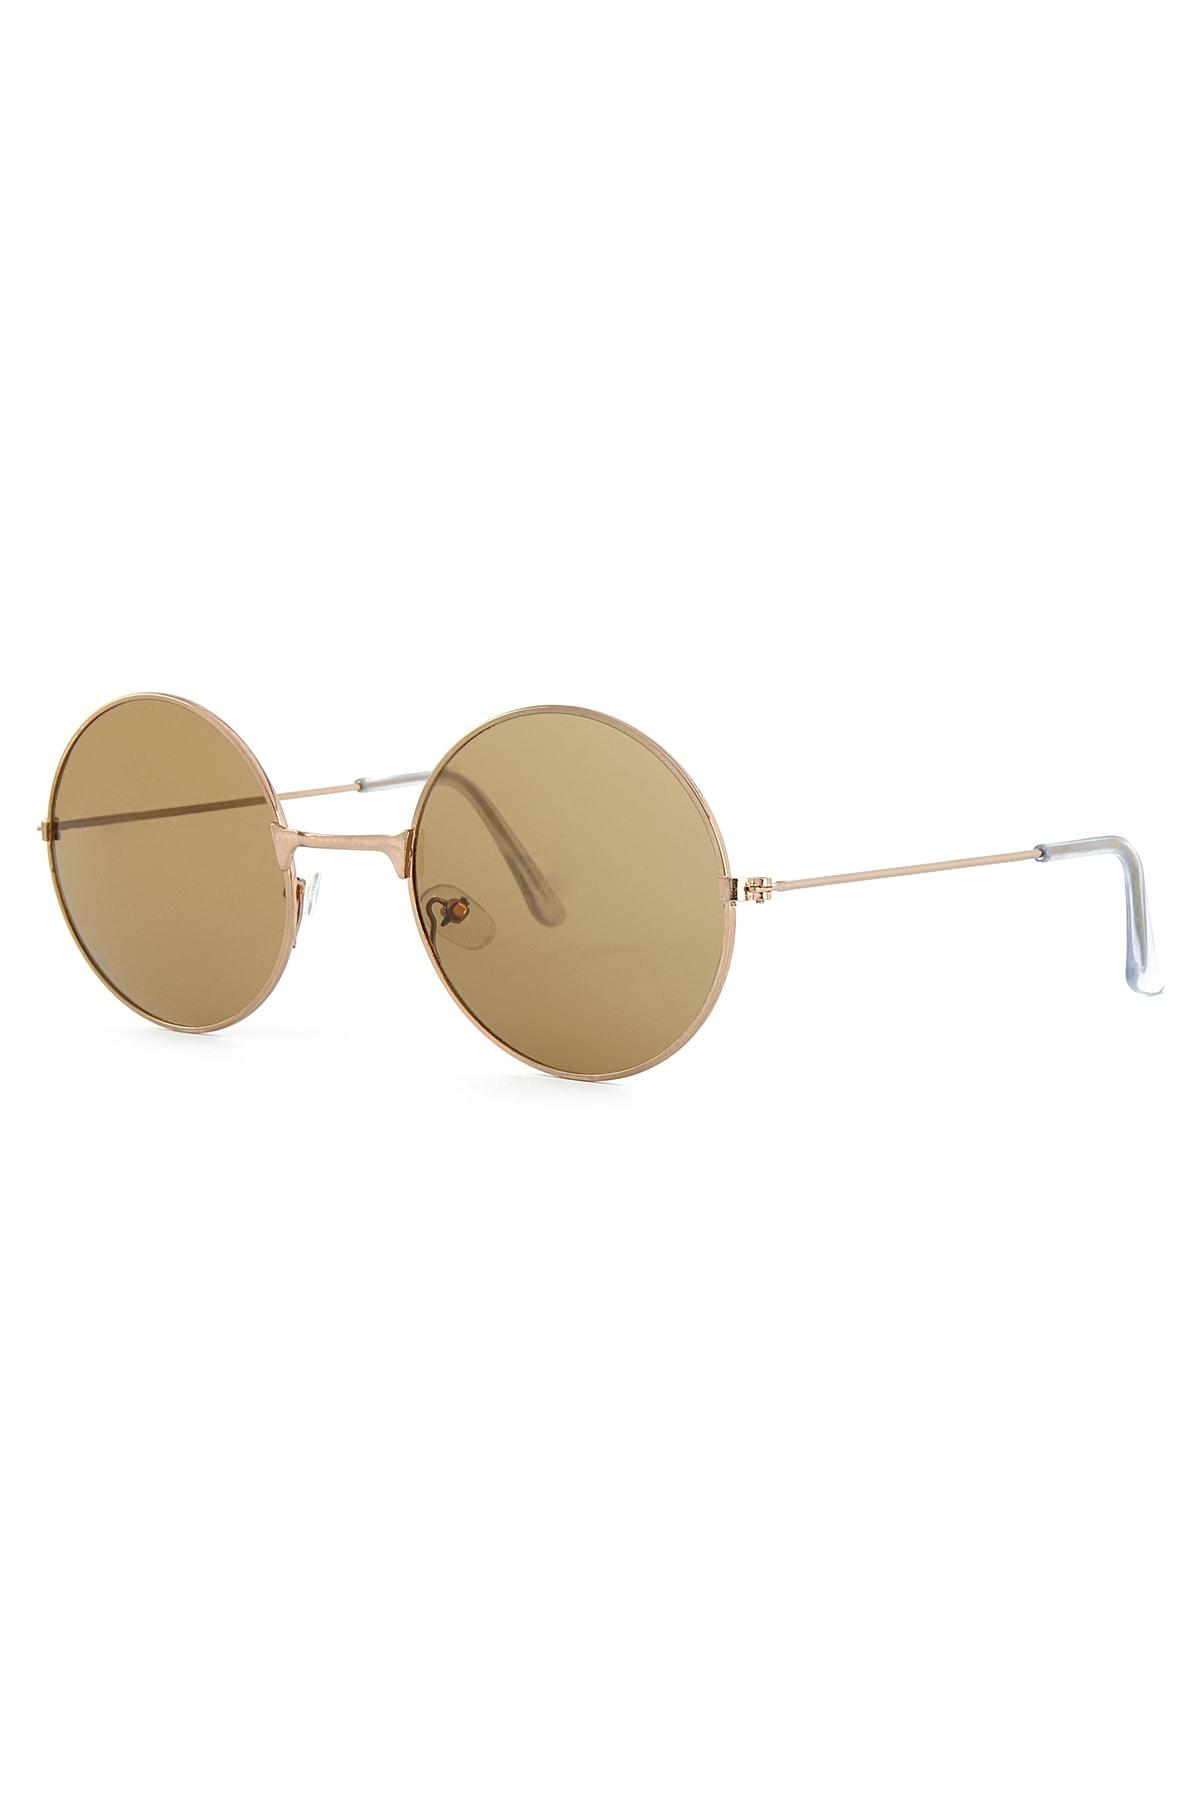 خرید مدل عینک آفتابی زنانه مارک Aqua Di Polo 1987 رنگ نقره کد ty88869697